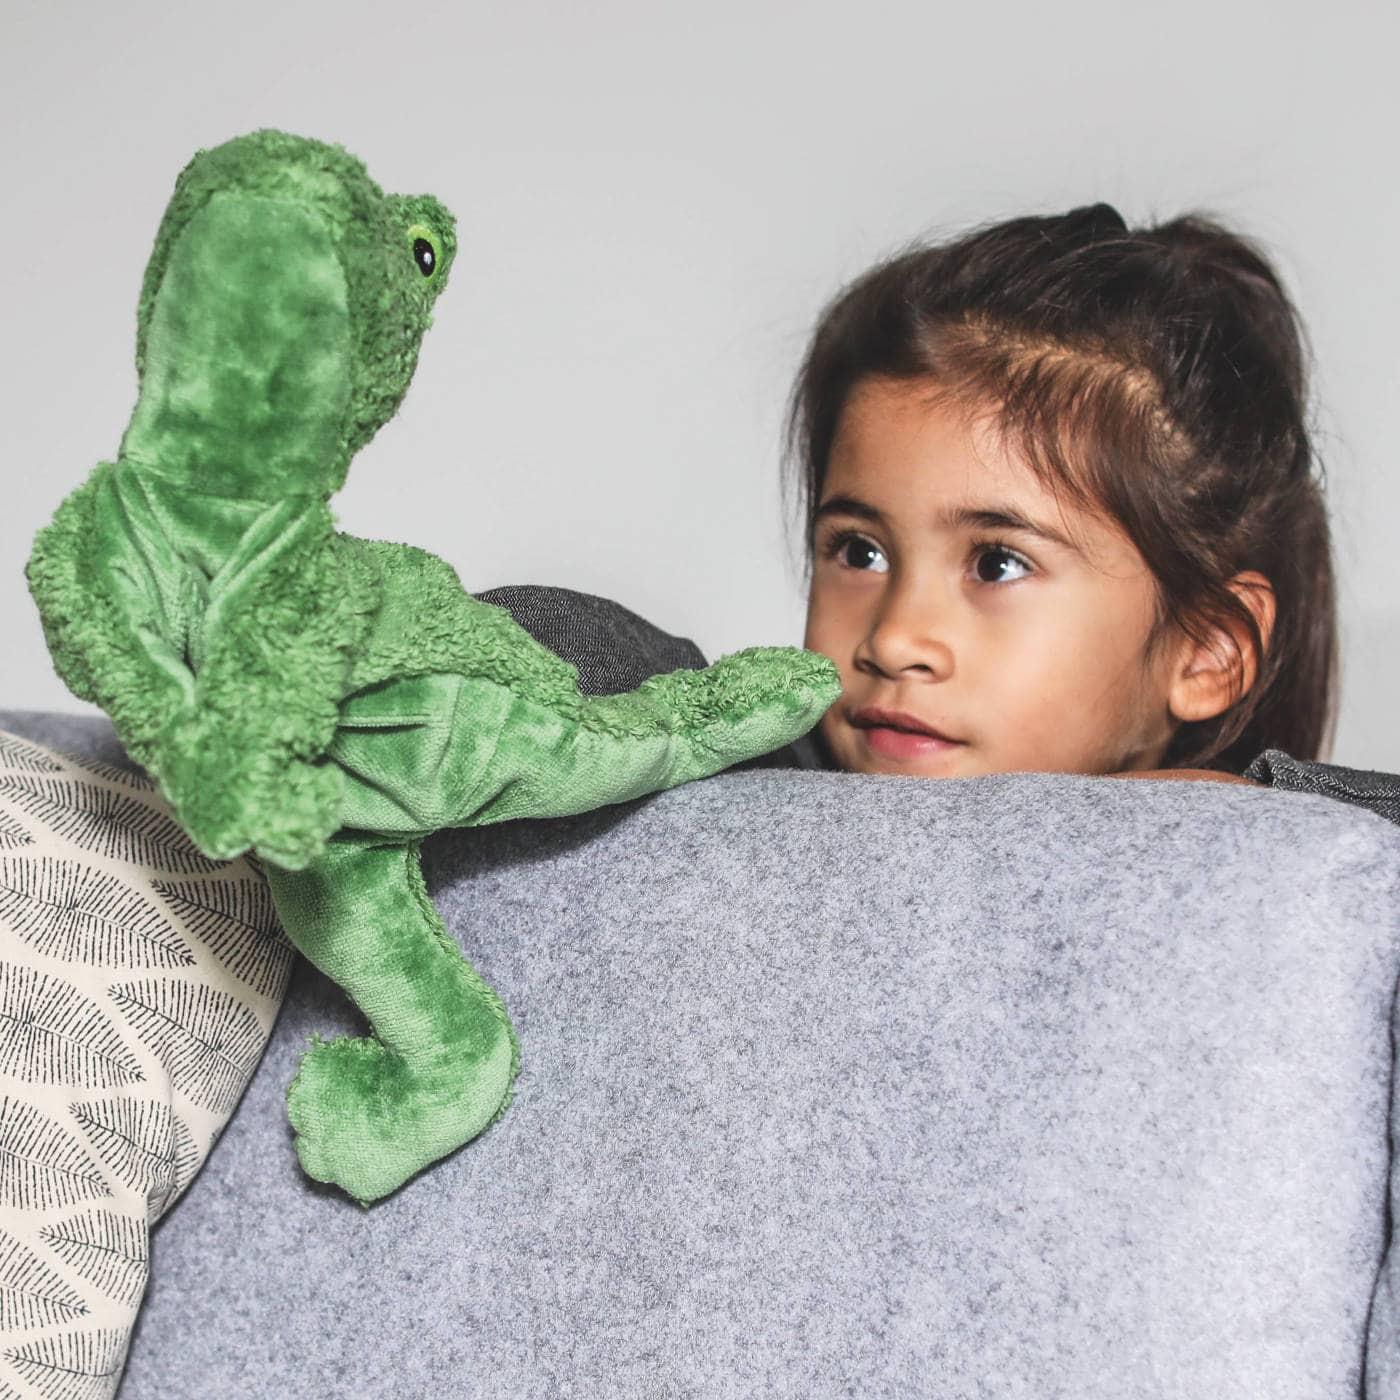 Gutes Spielzeug für Kinder – Design-Spielzeug: Handpuppe Frosch von Senger // HIMBEER